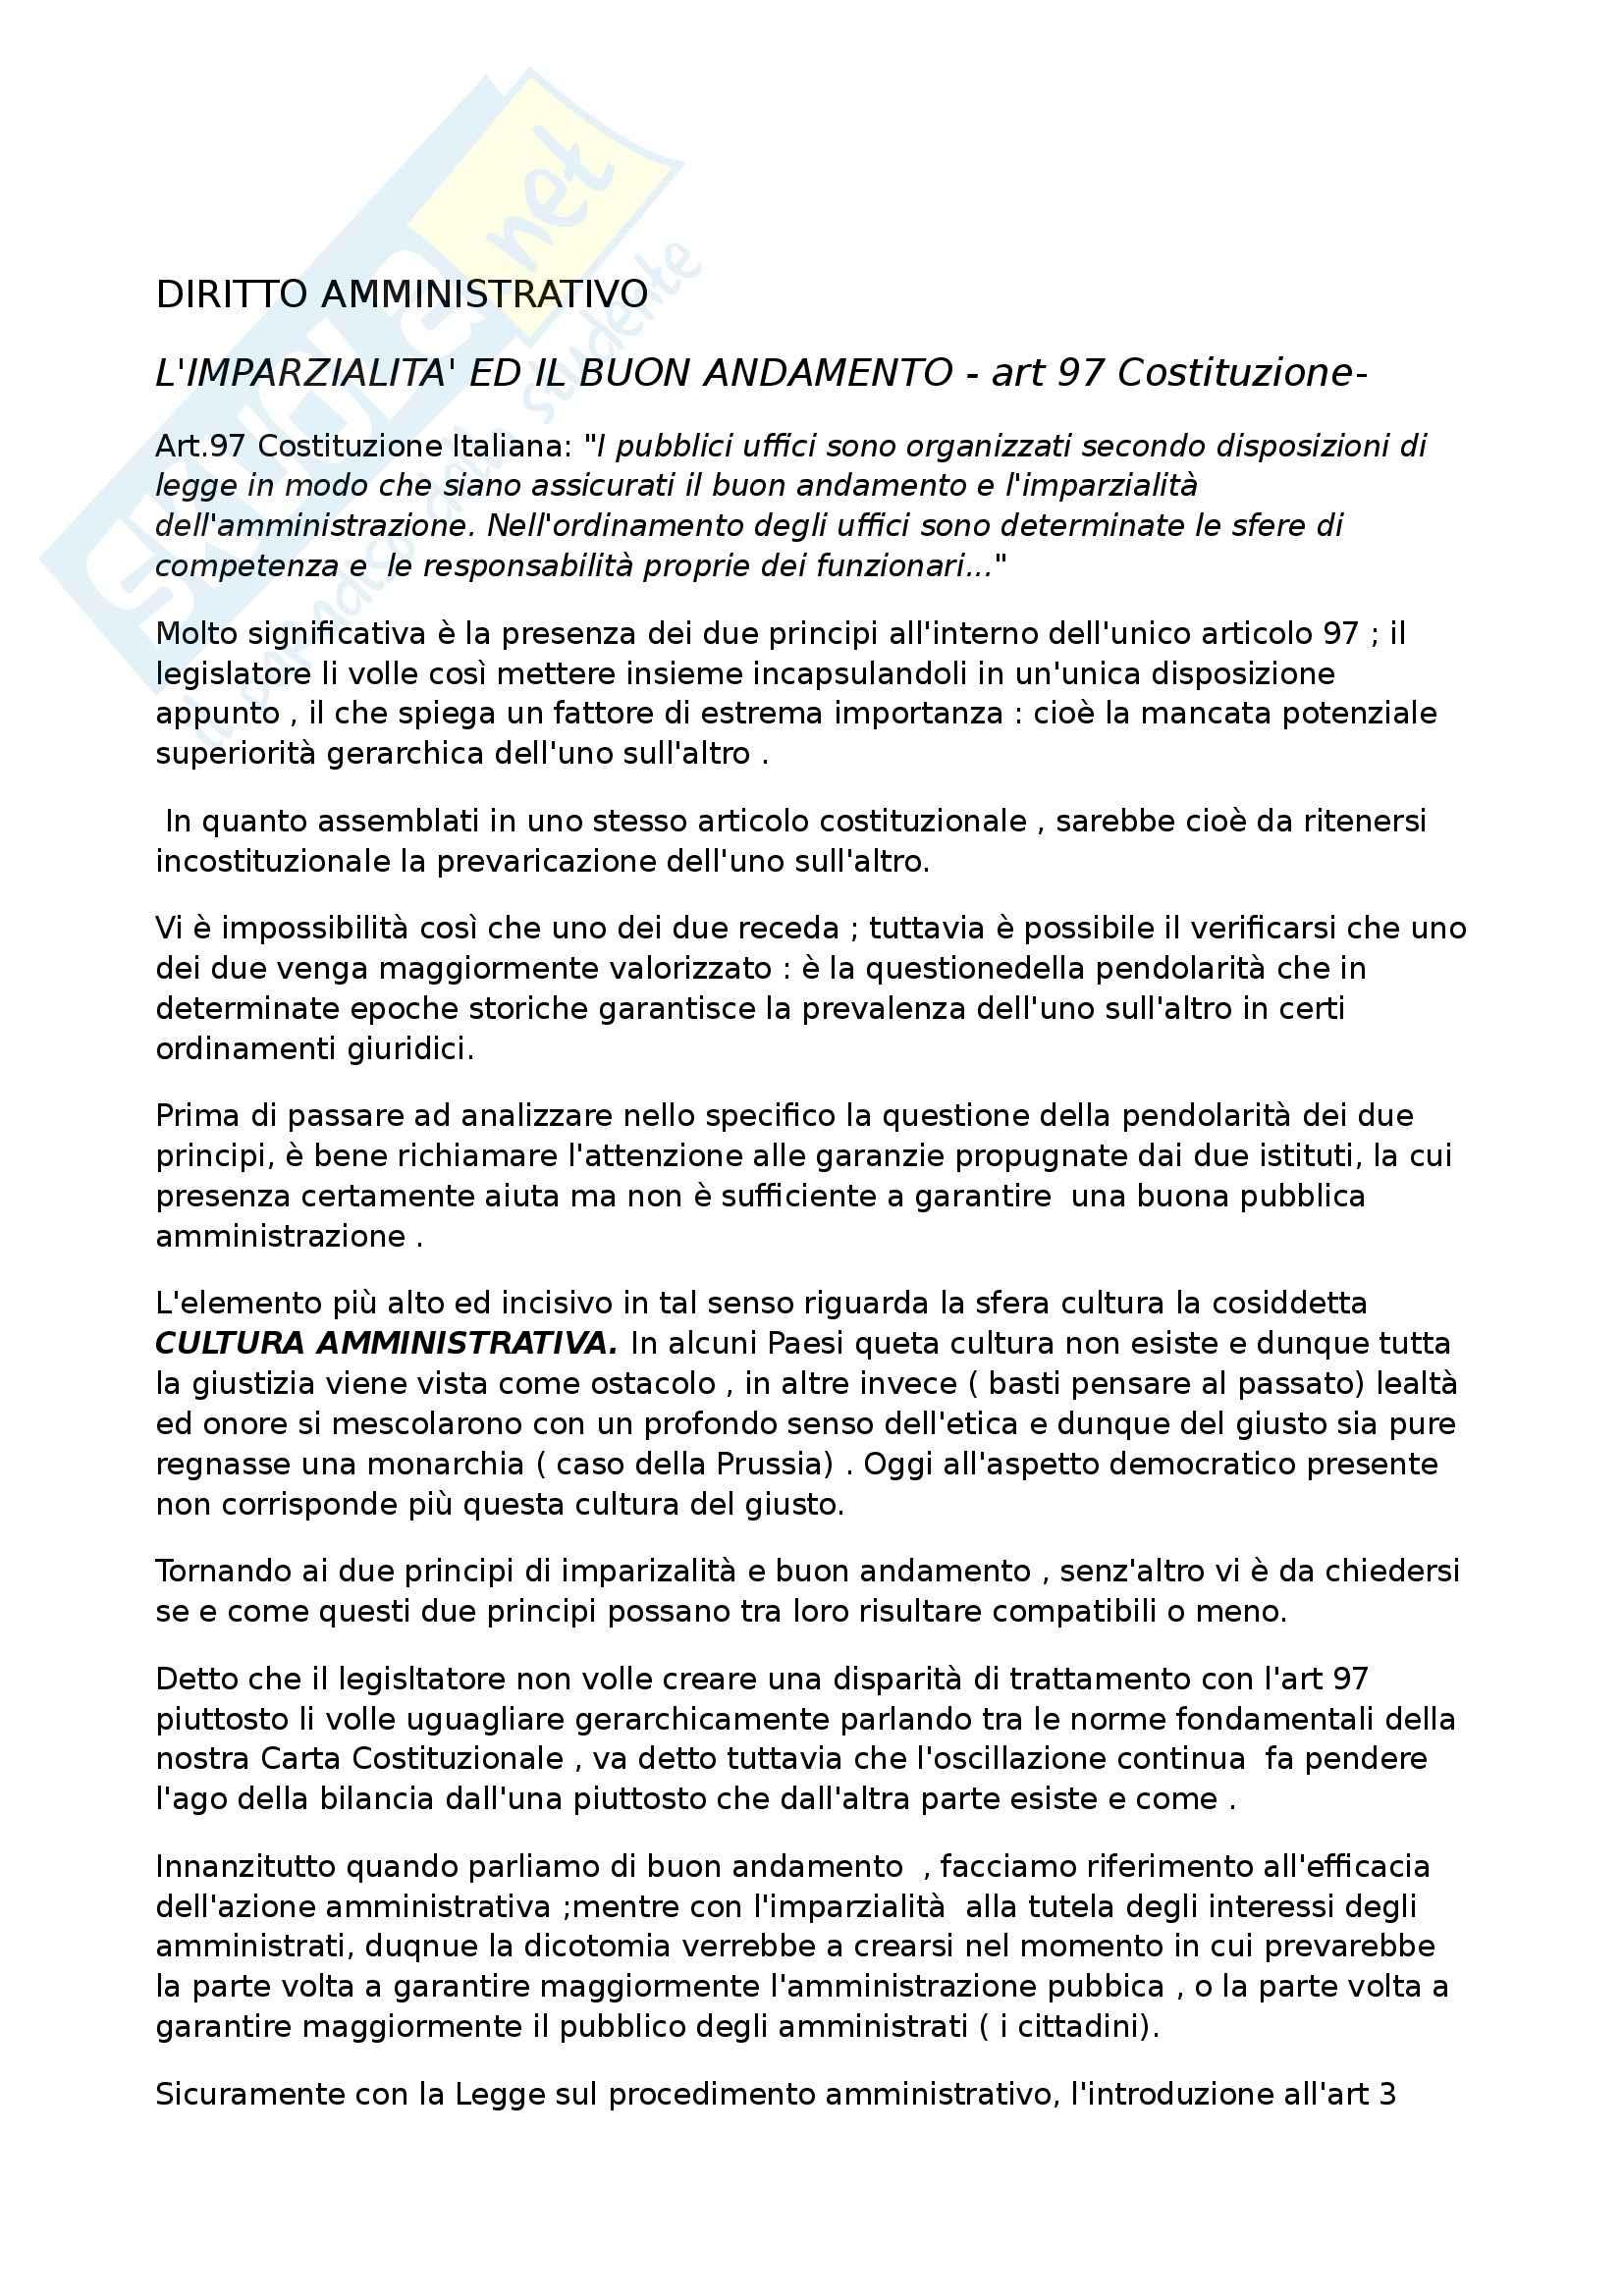 Diritto amministrativo 2 - Analisi dell'ART 97 della Costituzione